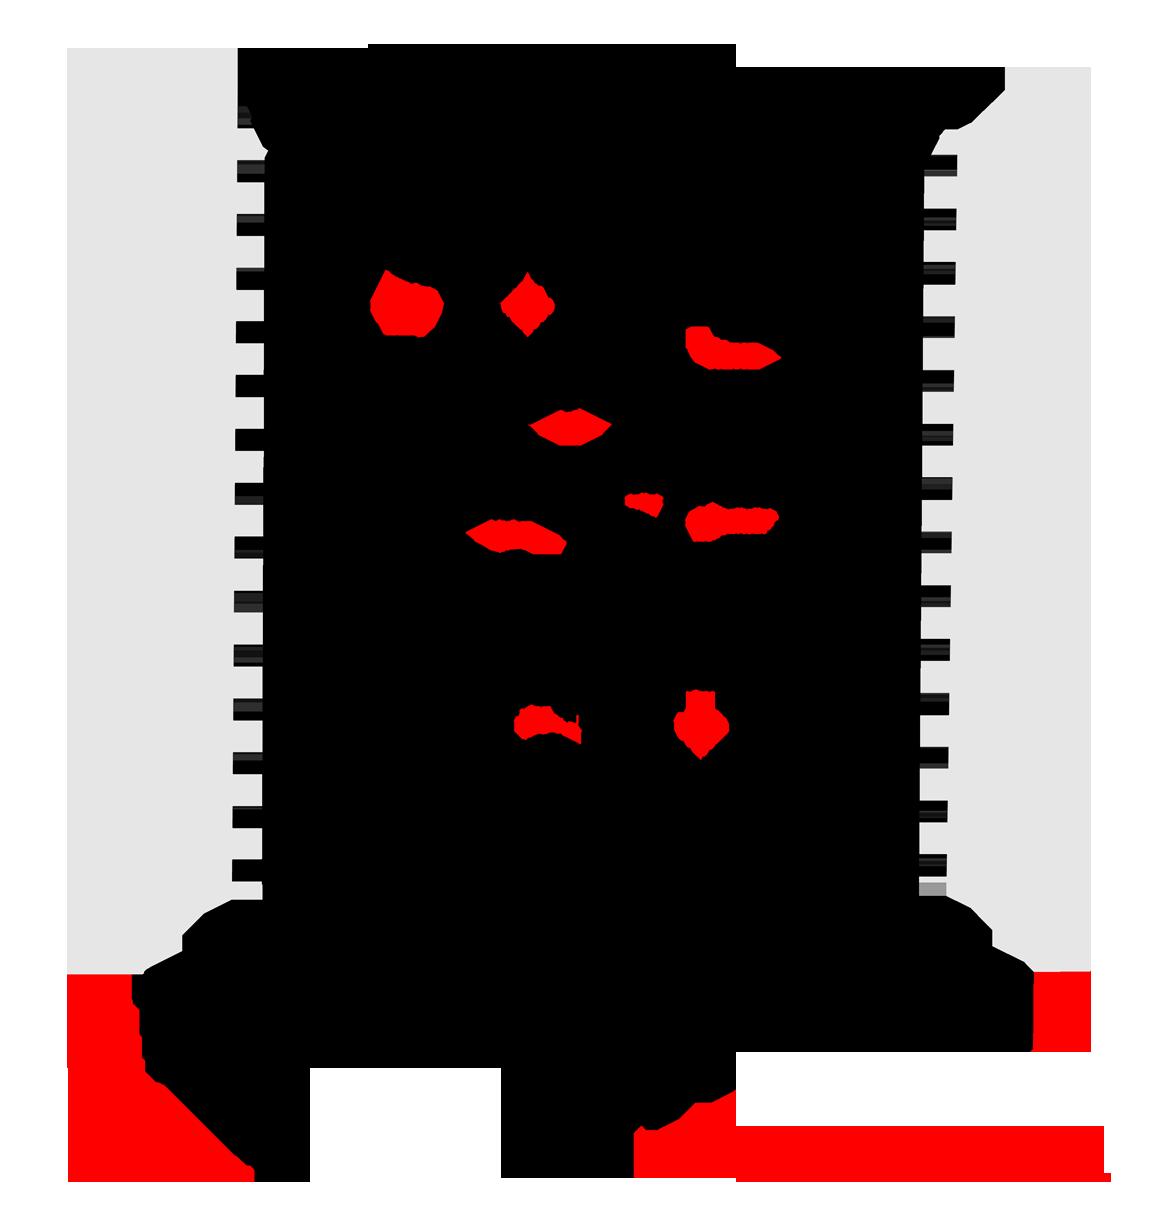 vykresy-02